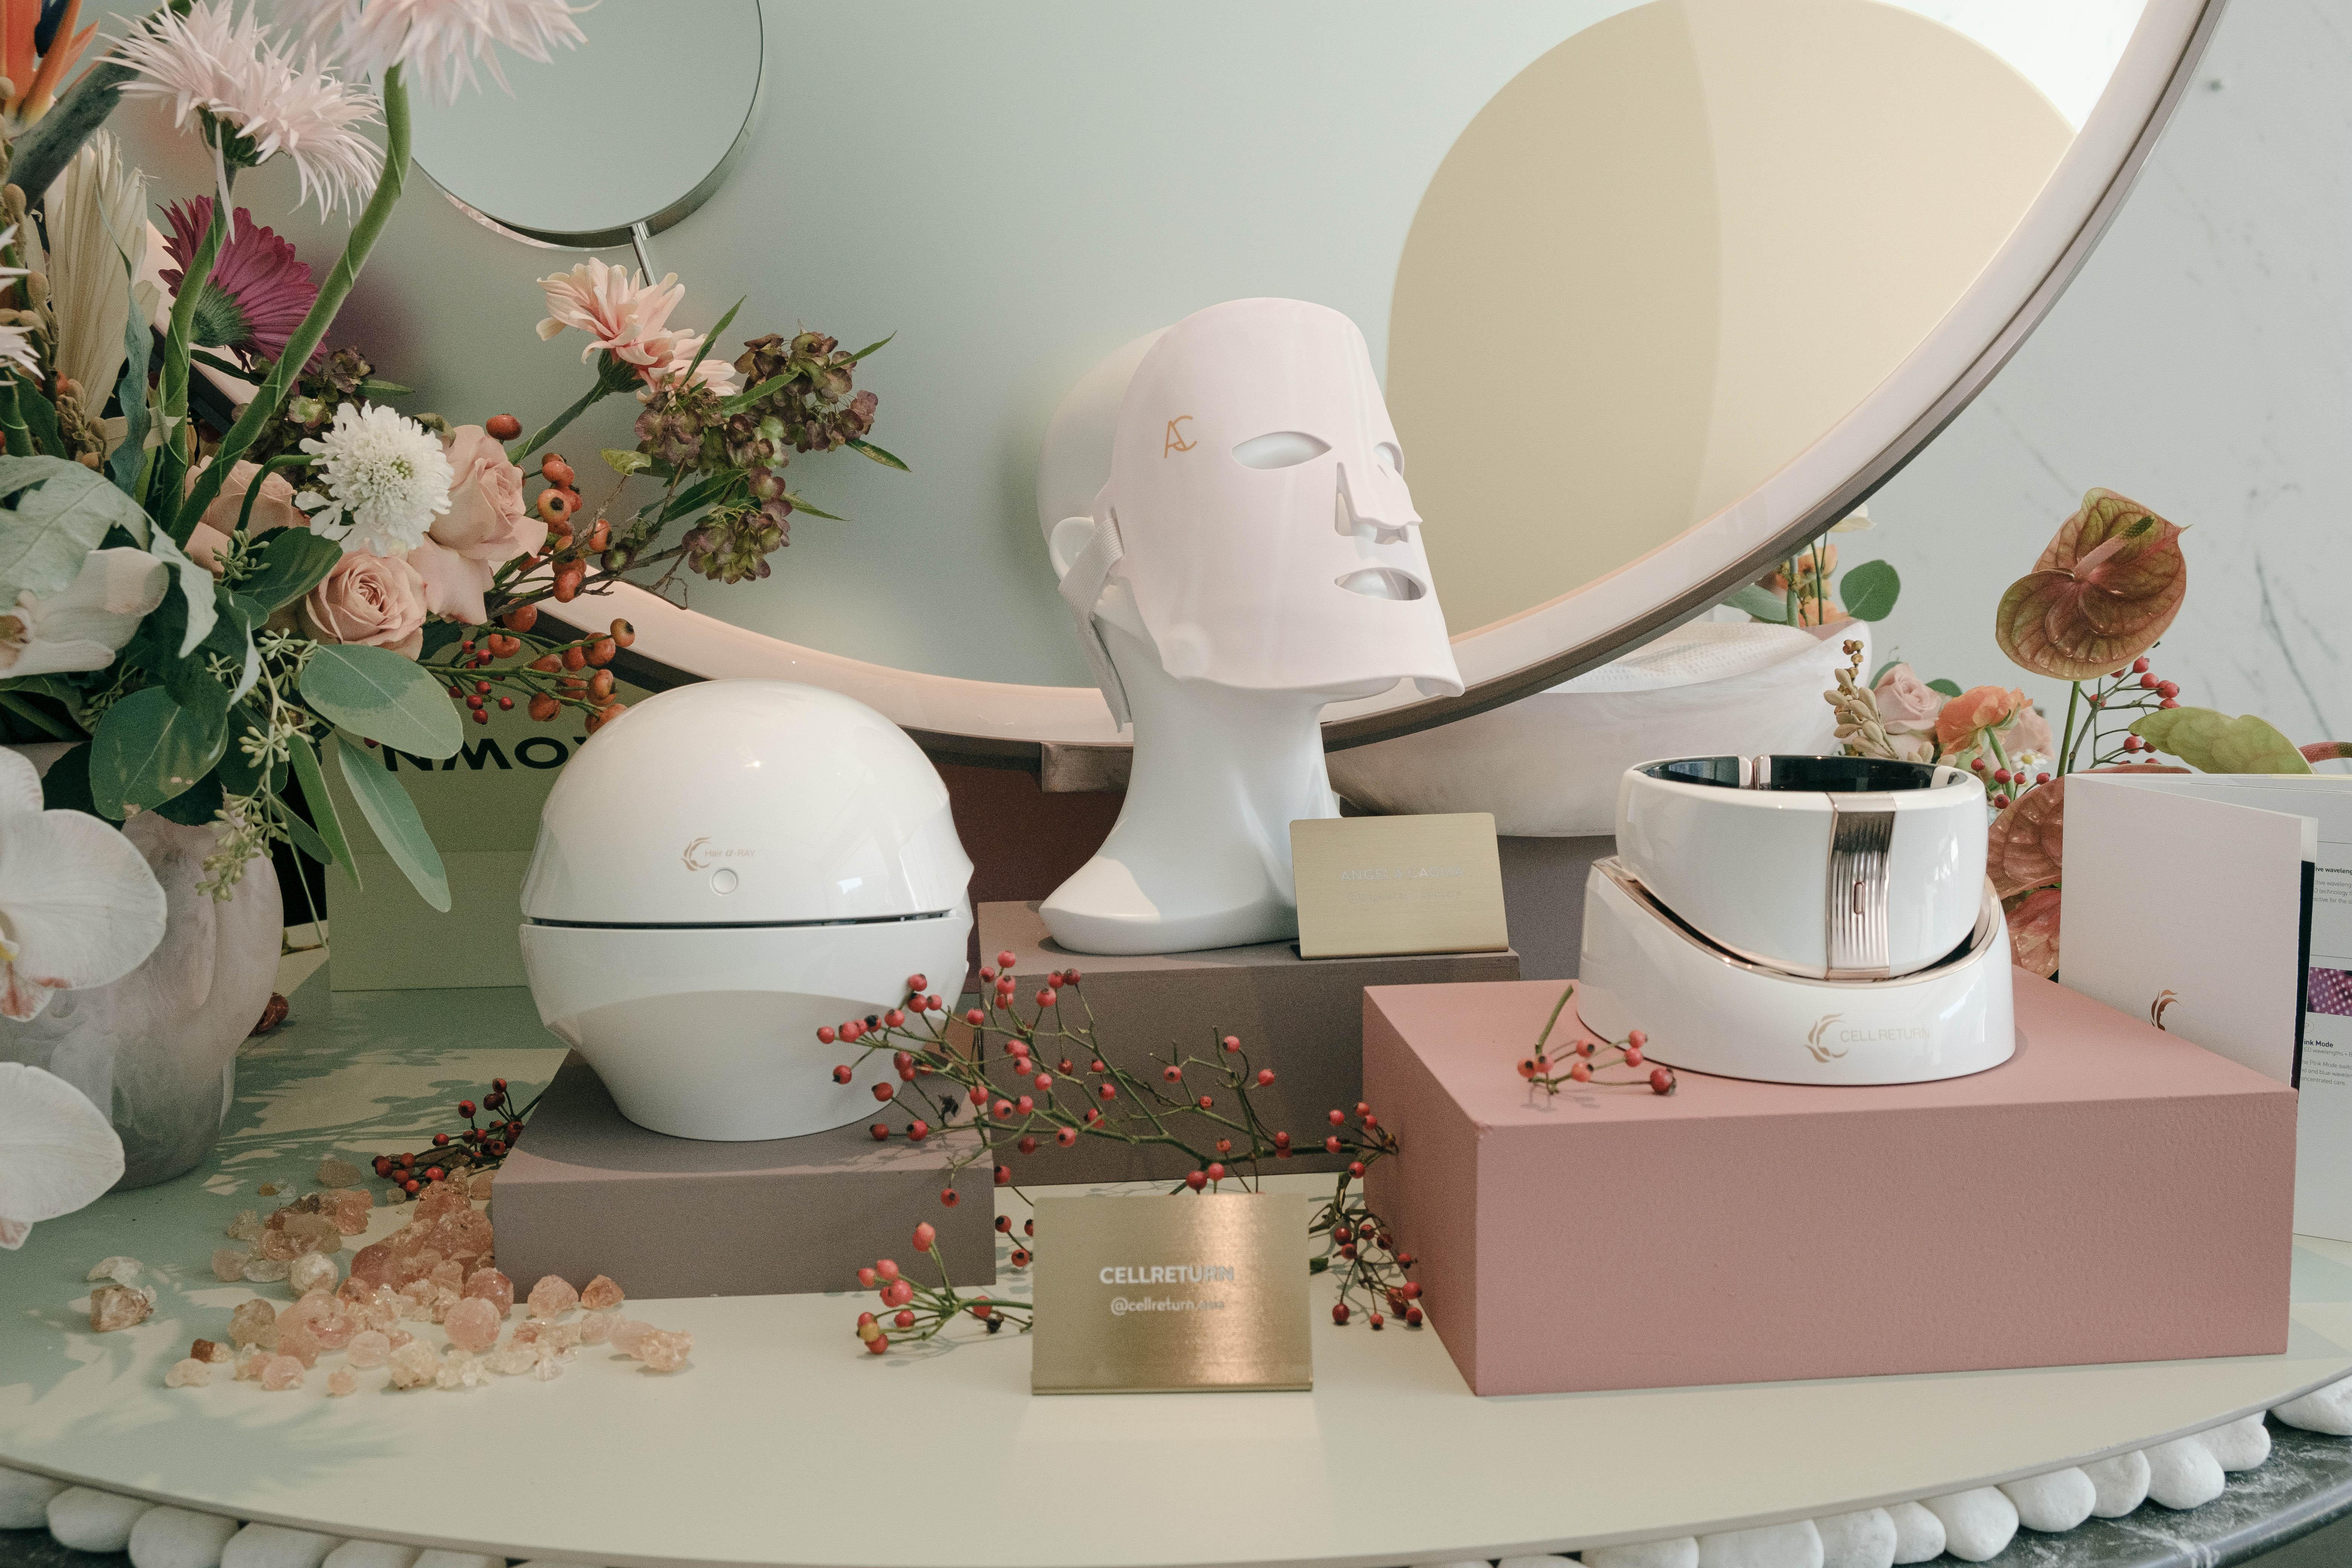 (左起) CELLRETURN Hair A Ray Premium $10,800|Angela Caglia Rose Quartz LED Mask $3,400|CELLRETURN Neckle Ray Plus $7,700